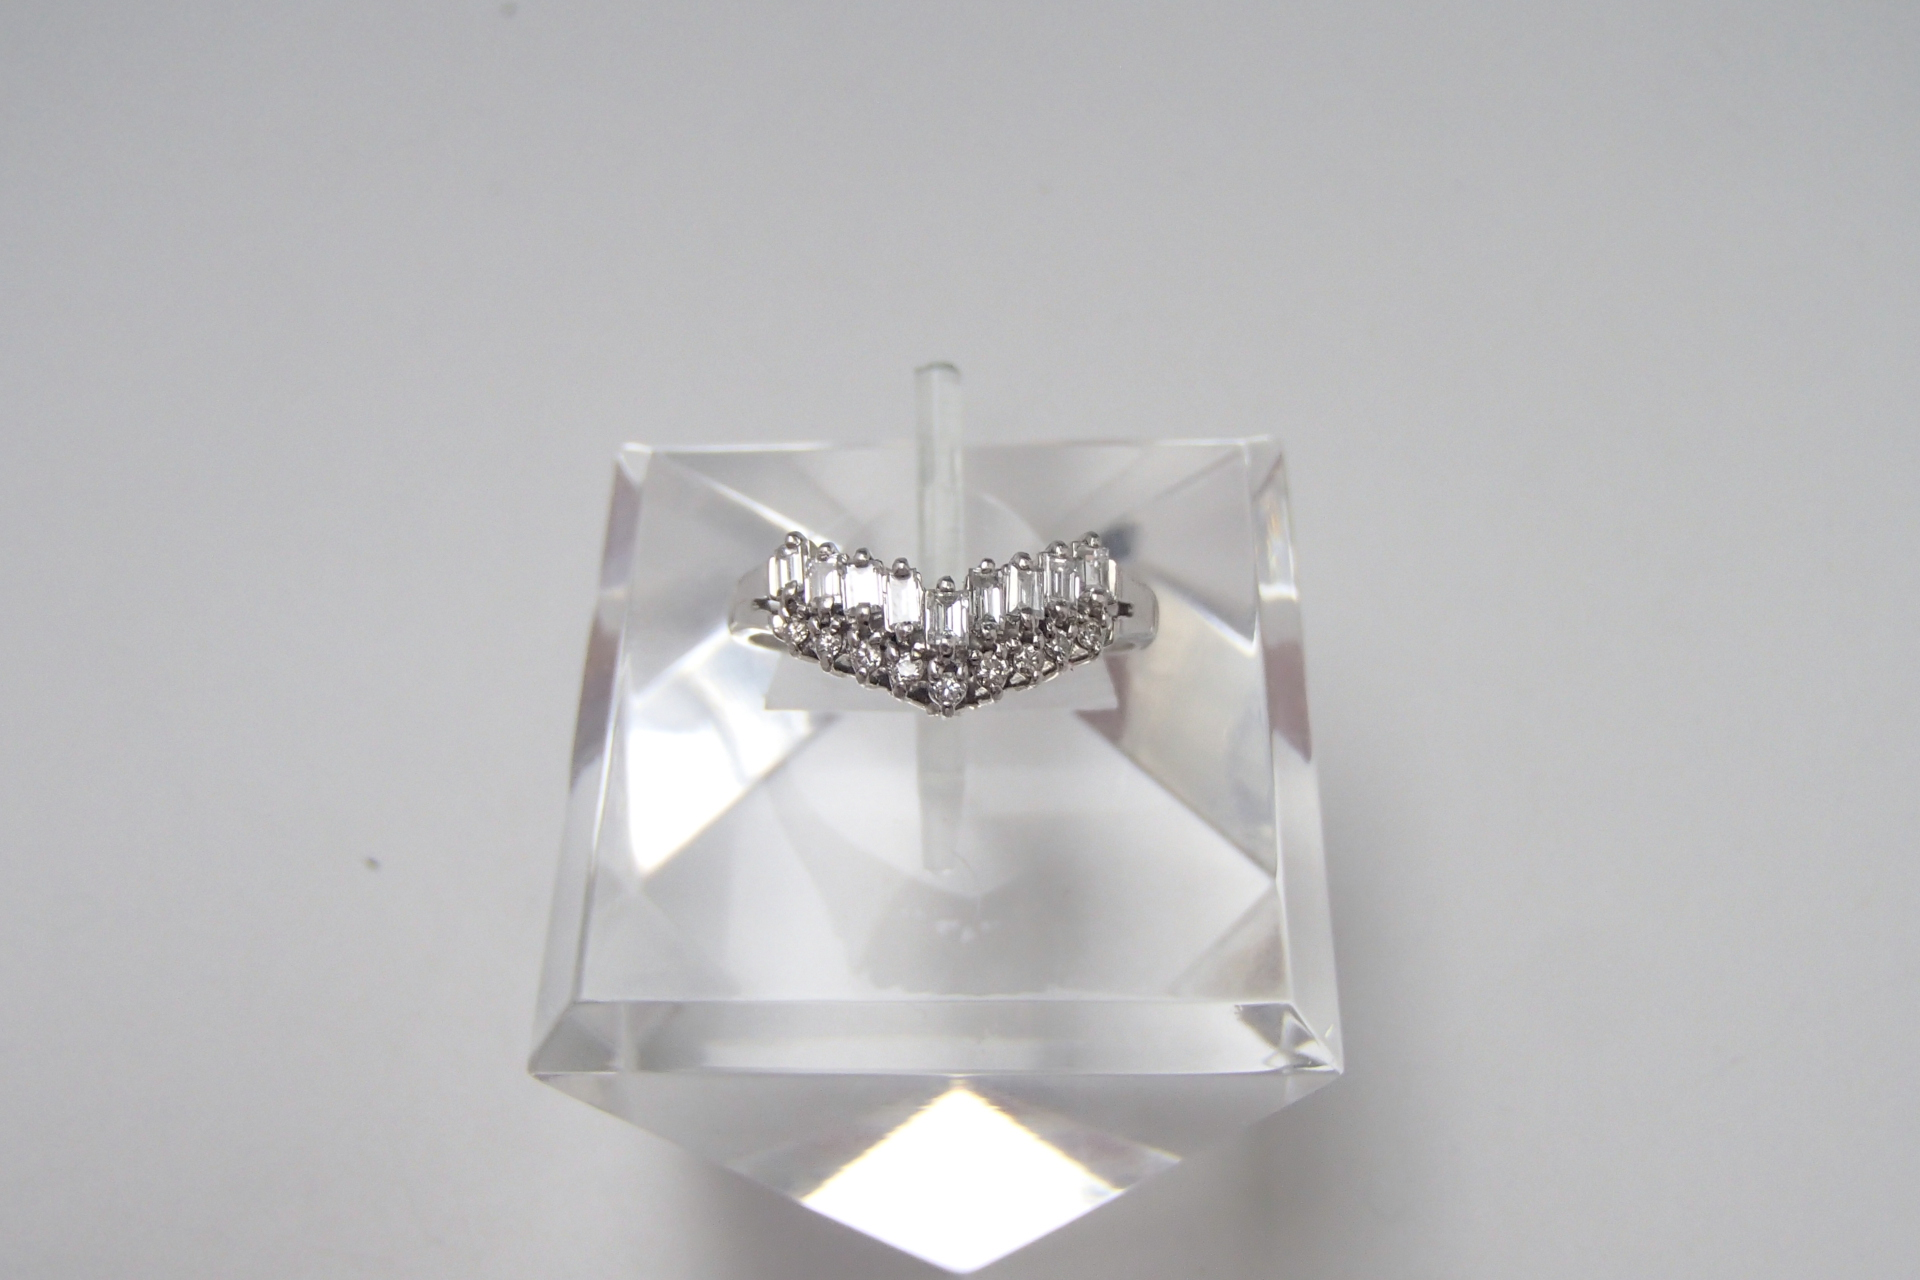 ダイヤモンドの価値はカラットで決まる?